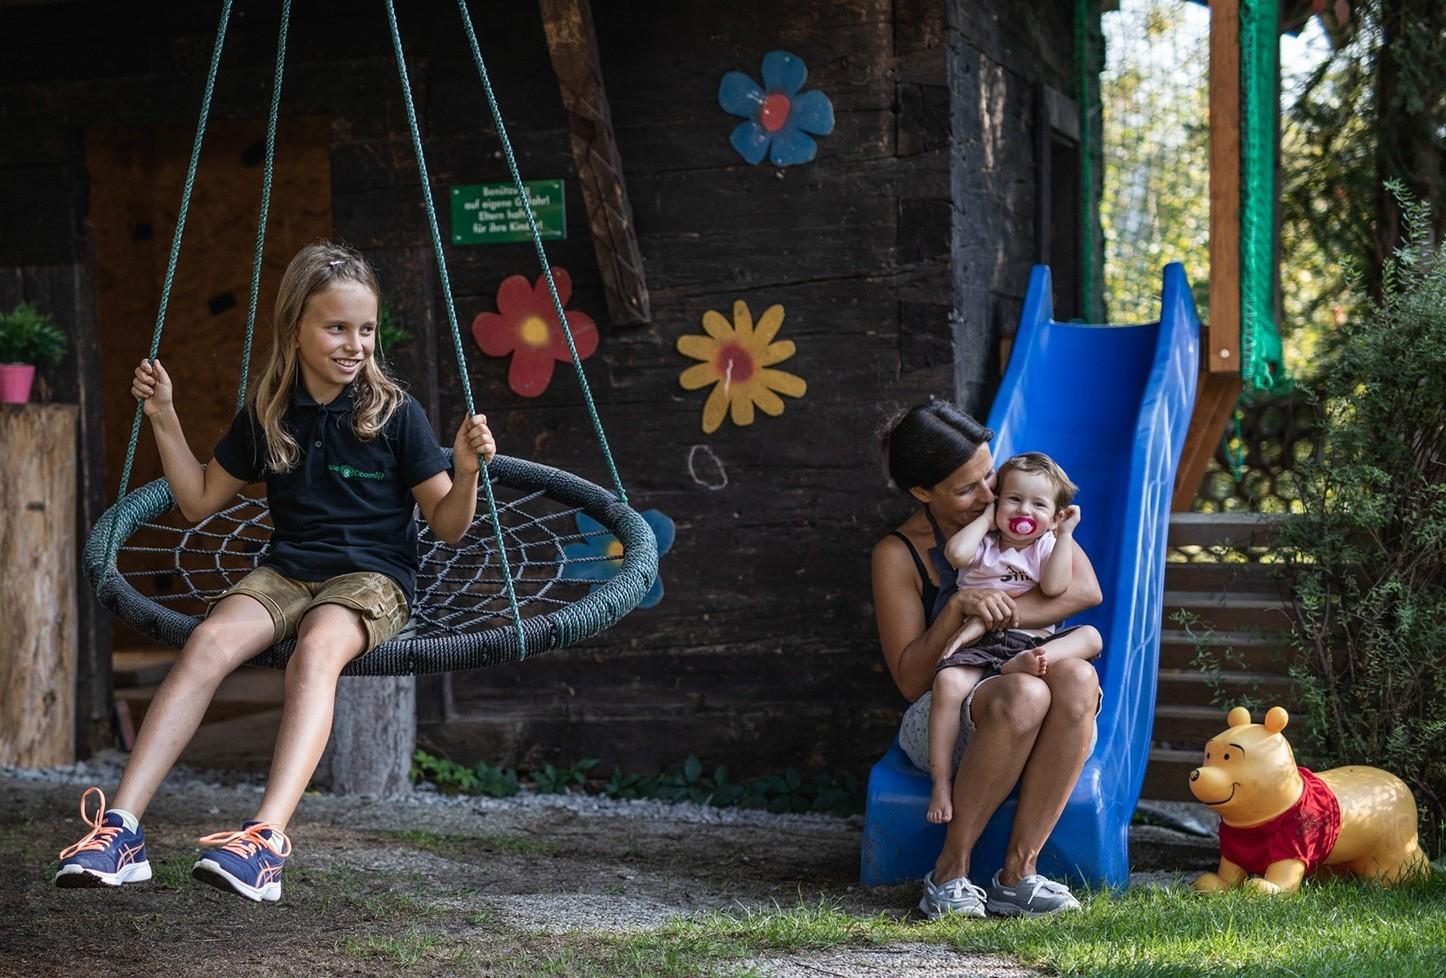 Eine Mutter spielt im Familienurlaub im Salzkammergut mit ihren zwei Töchtern am Spielplatz